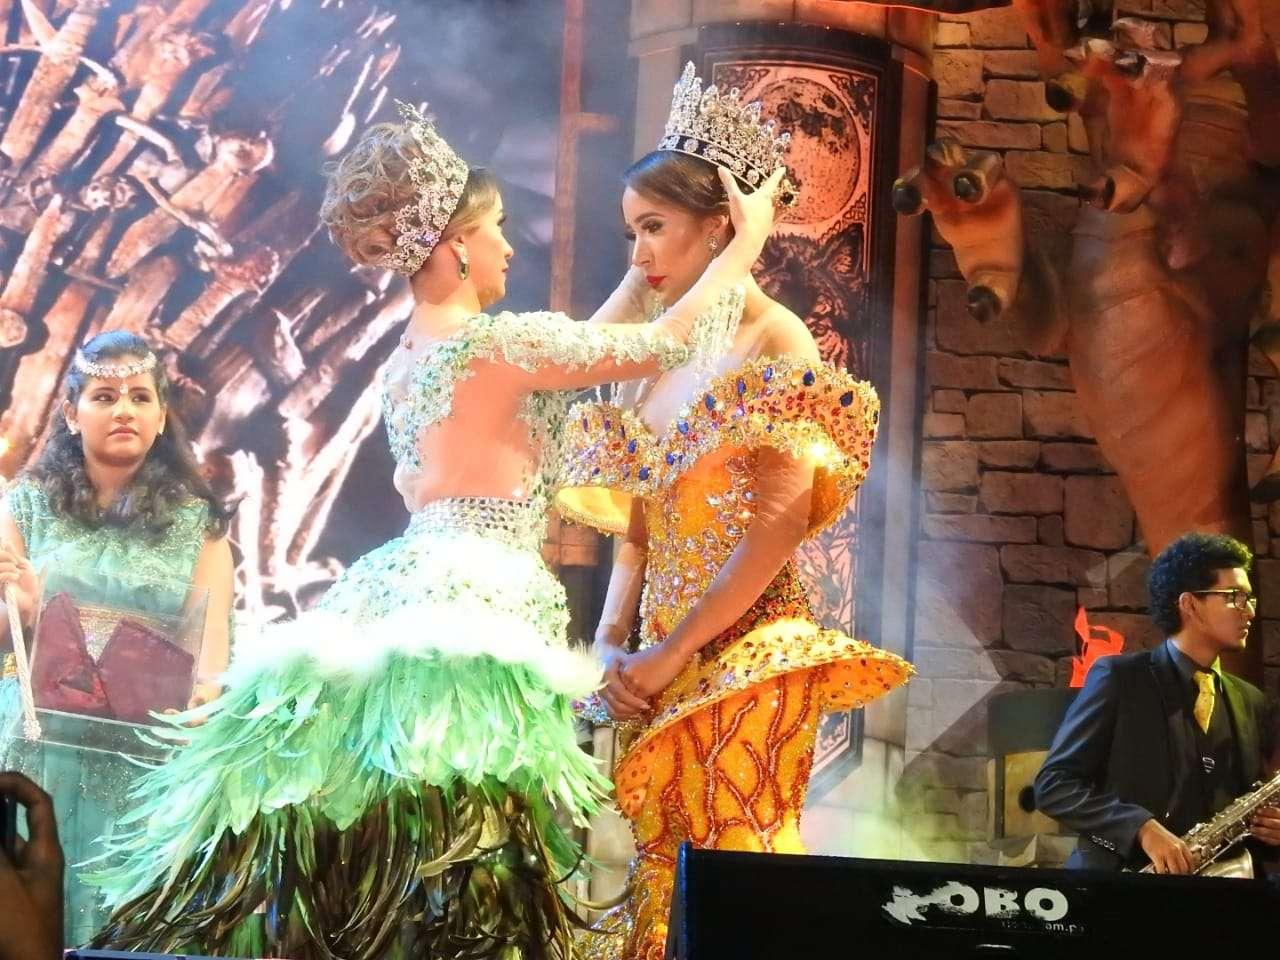 Coronación de Valerie Falcón, reina del carnaval capitalino